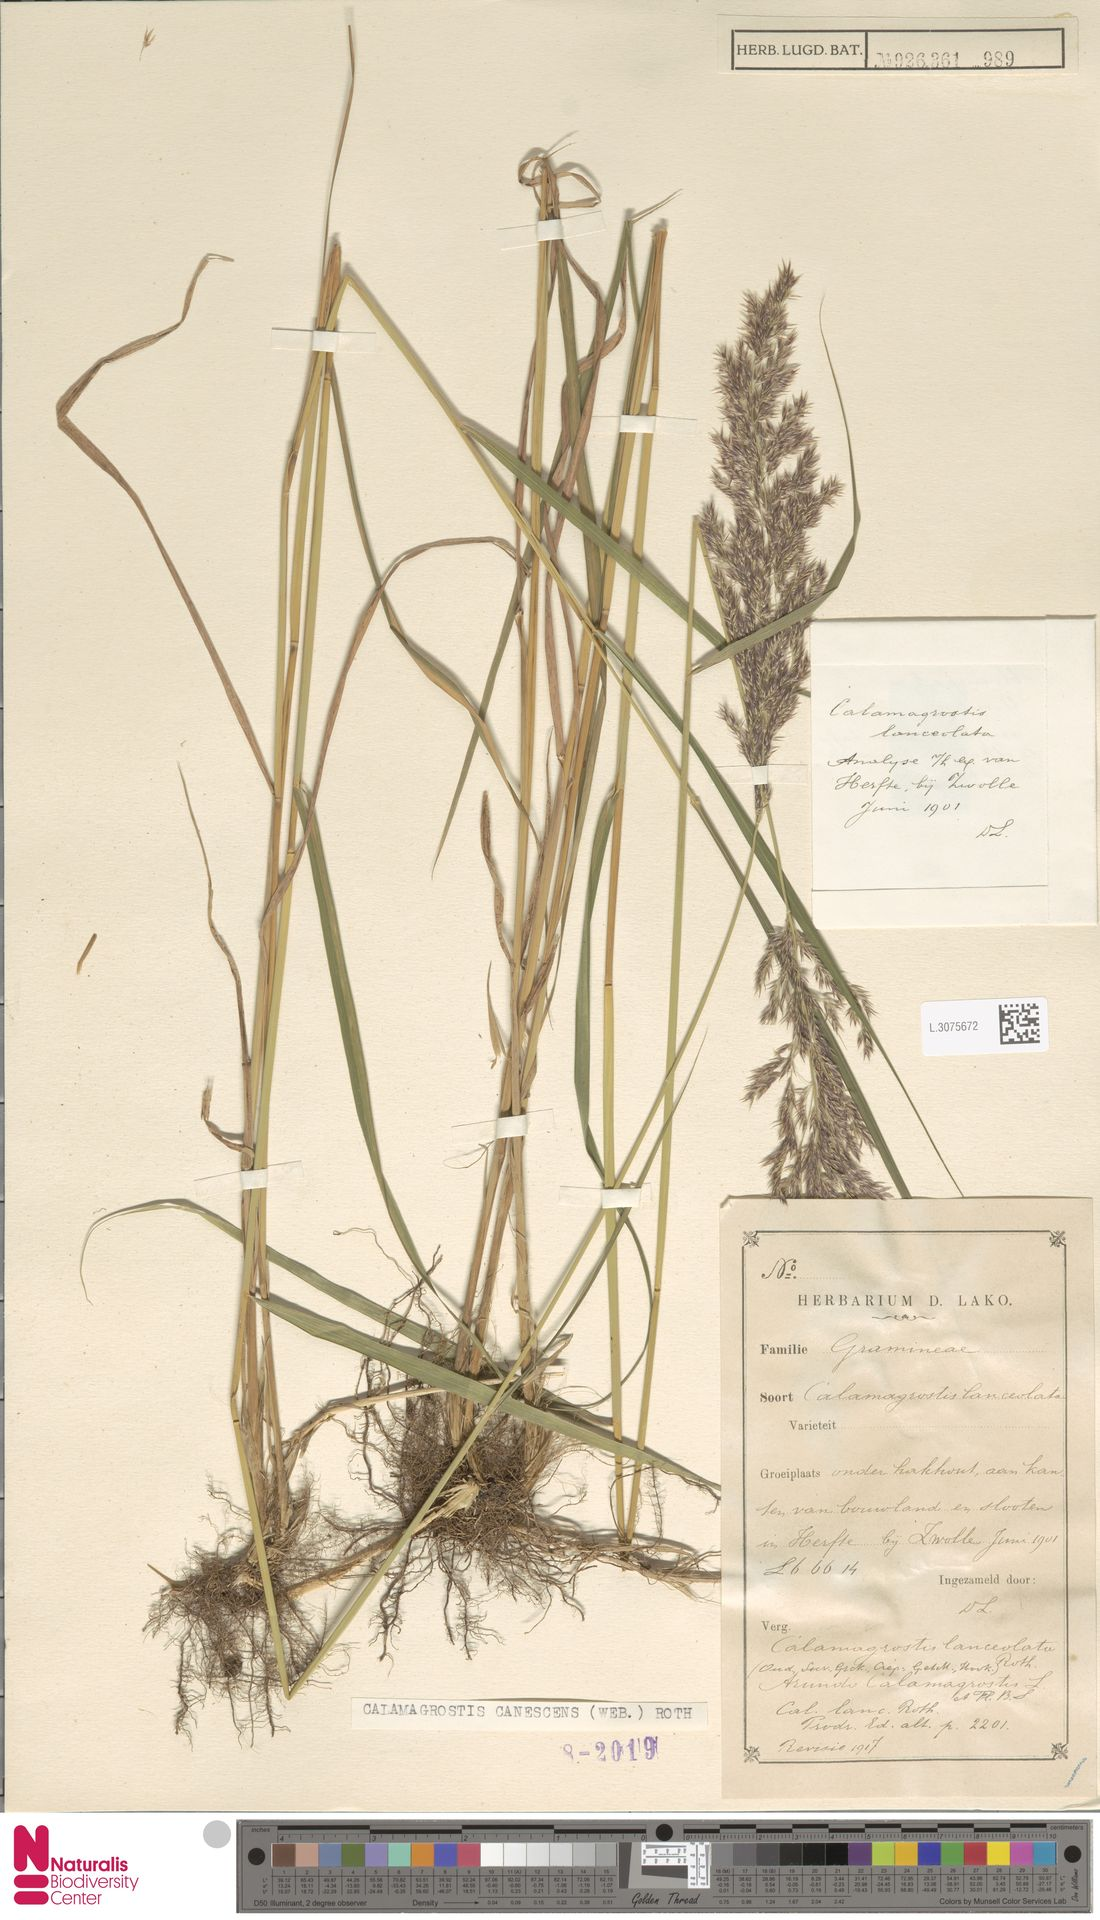 L.3075672 | Calamagrostis canescens (Weber) Roth